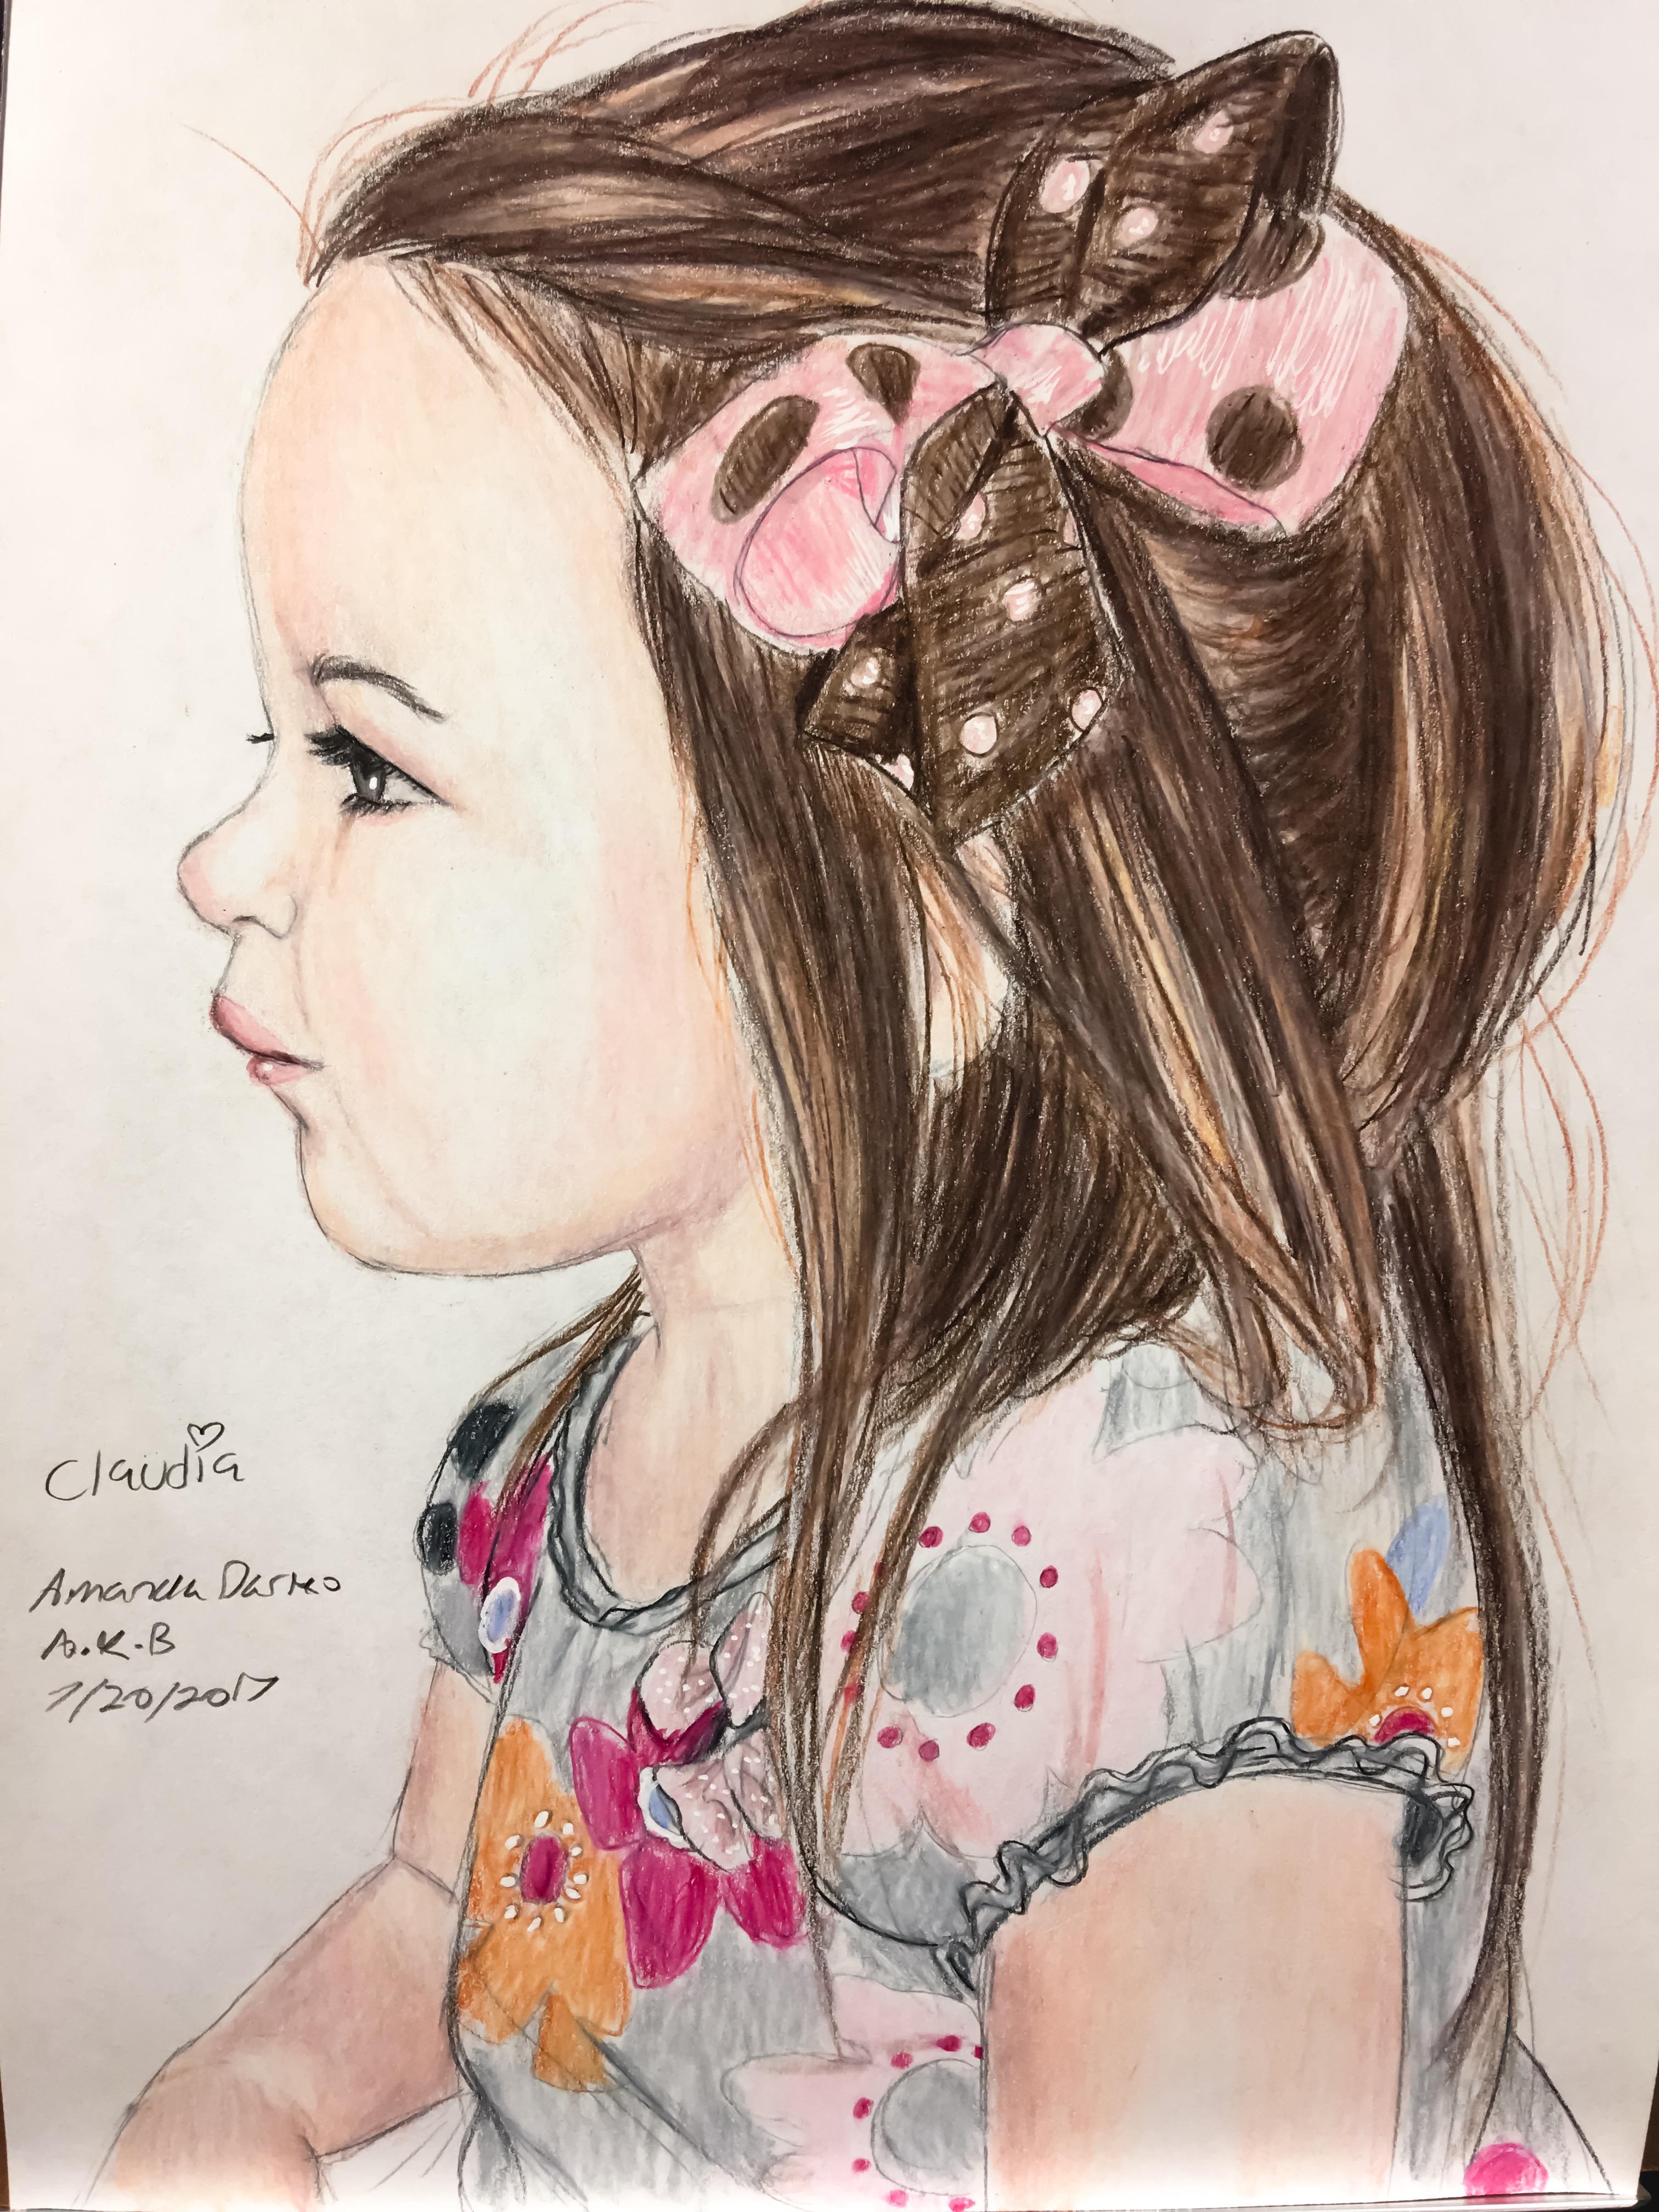 My daughter Claudia